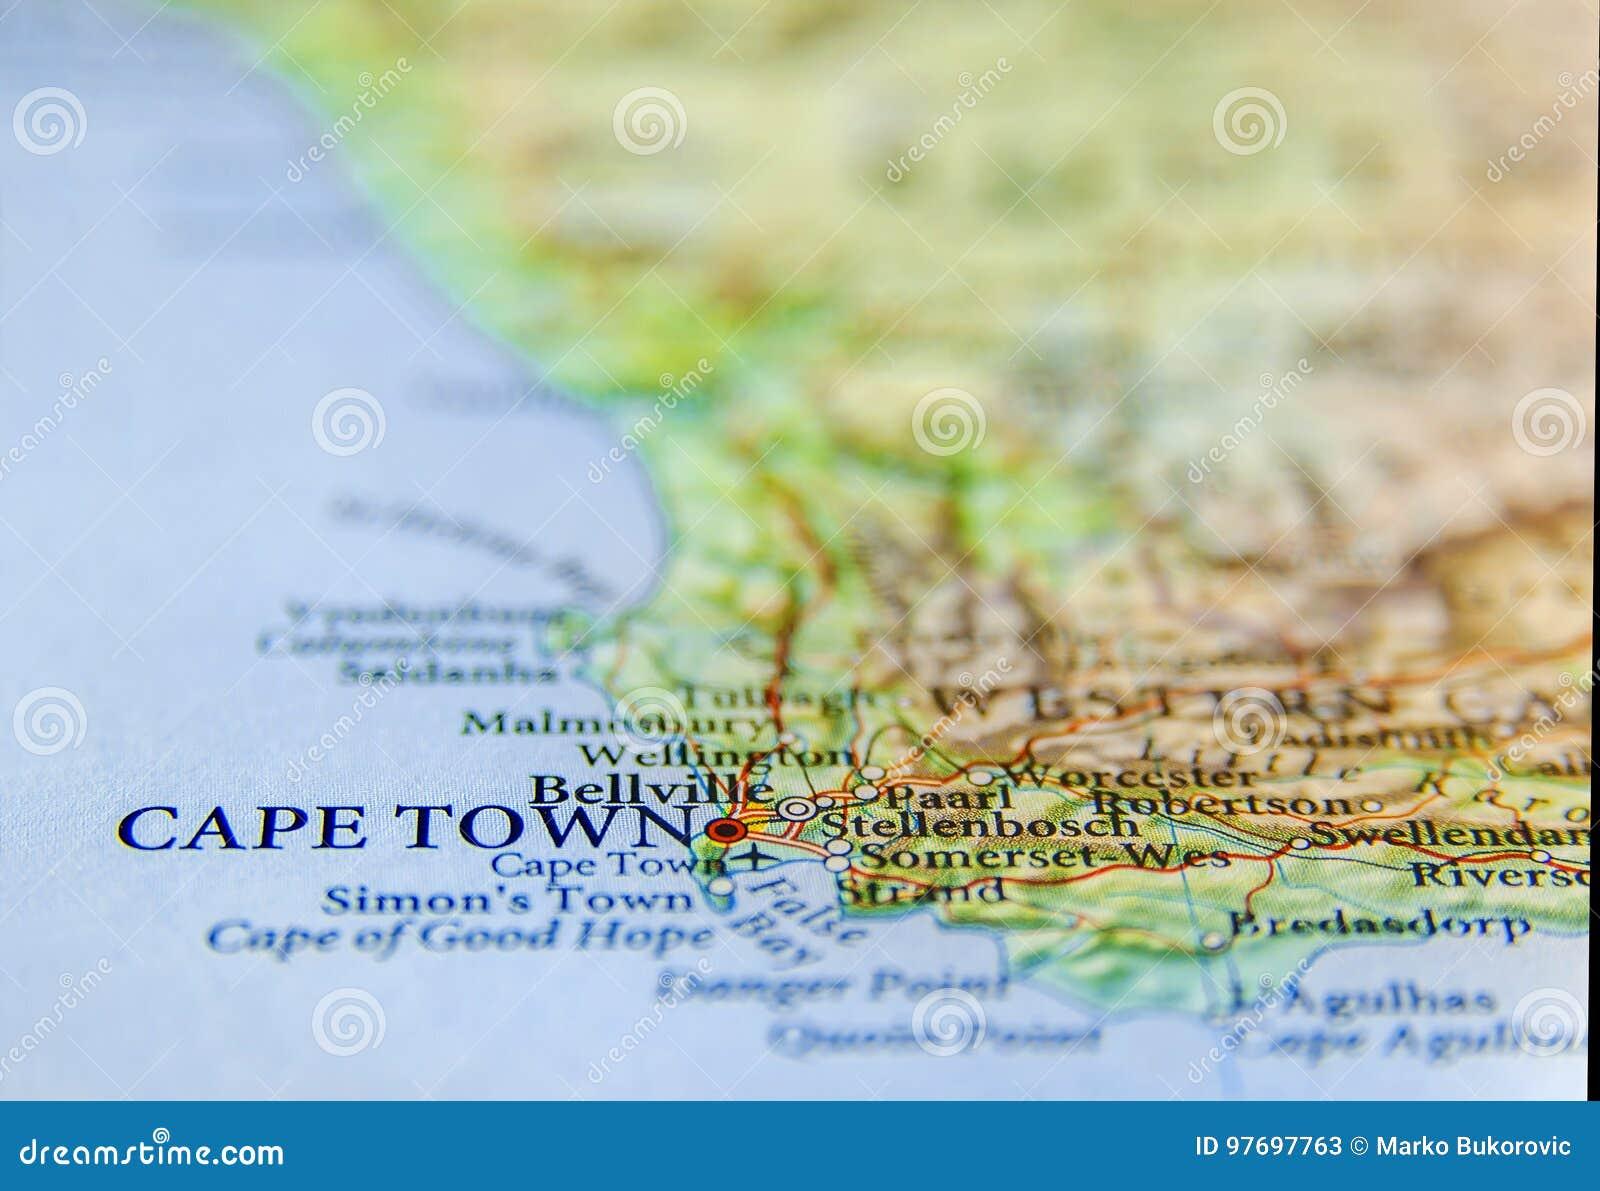 Carte De Lafrique Du Sud Avec Les Capitales.Carte Geographique De L Afrique Du Sud Avec La Capitale Cape